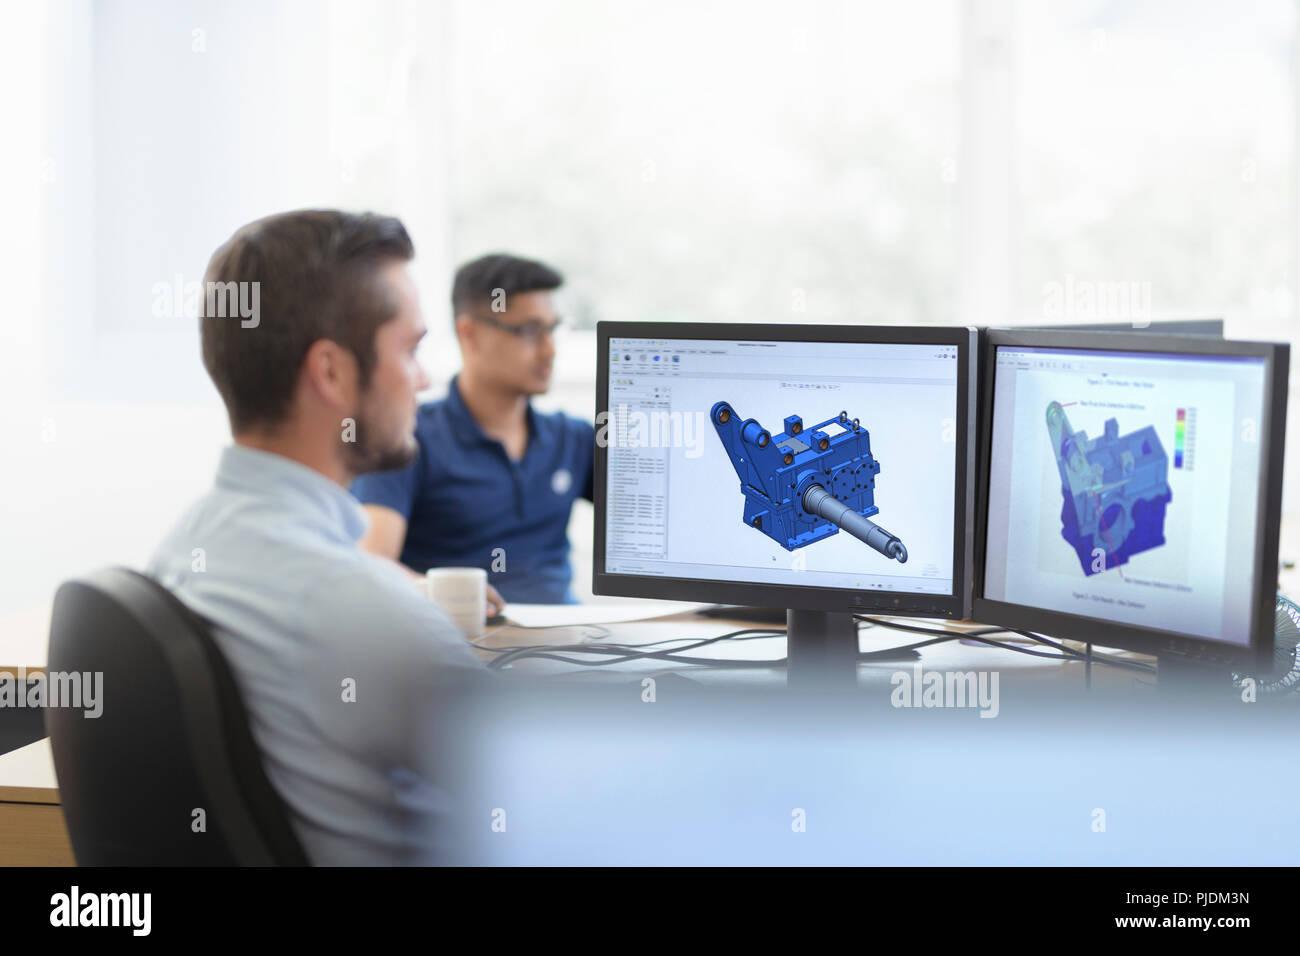 Los ingenieros que diseñaron las cajas utilizando el diseño asistido por ordenador (CAD) en la caja de software factory Imagen De Stock